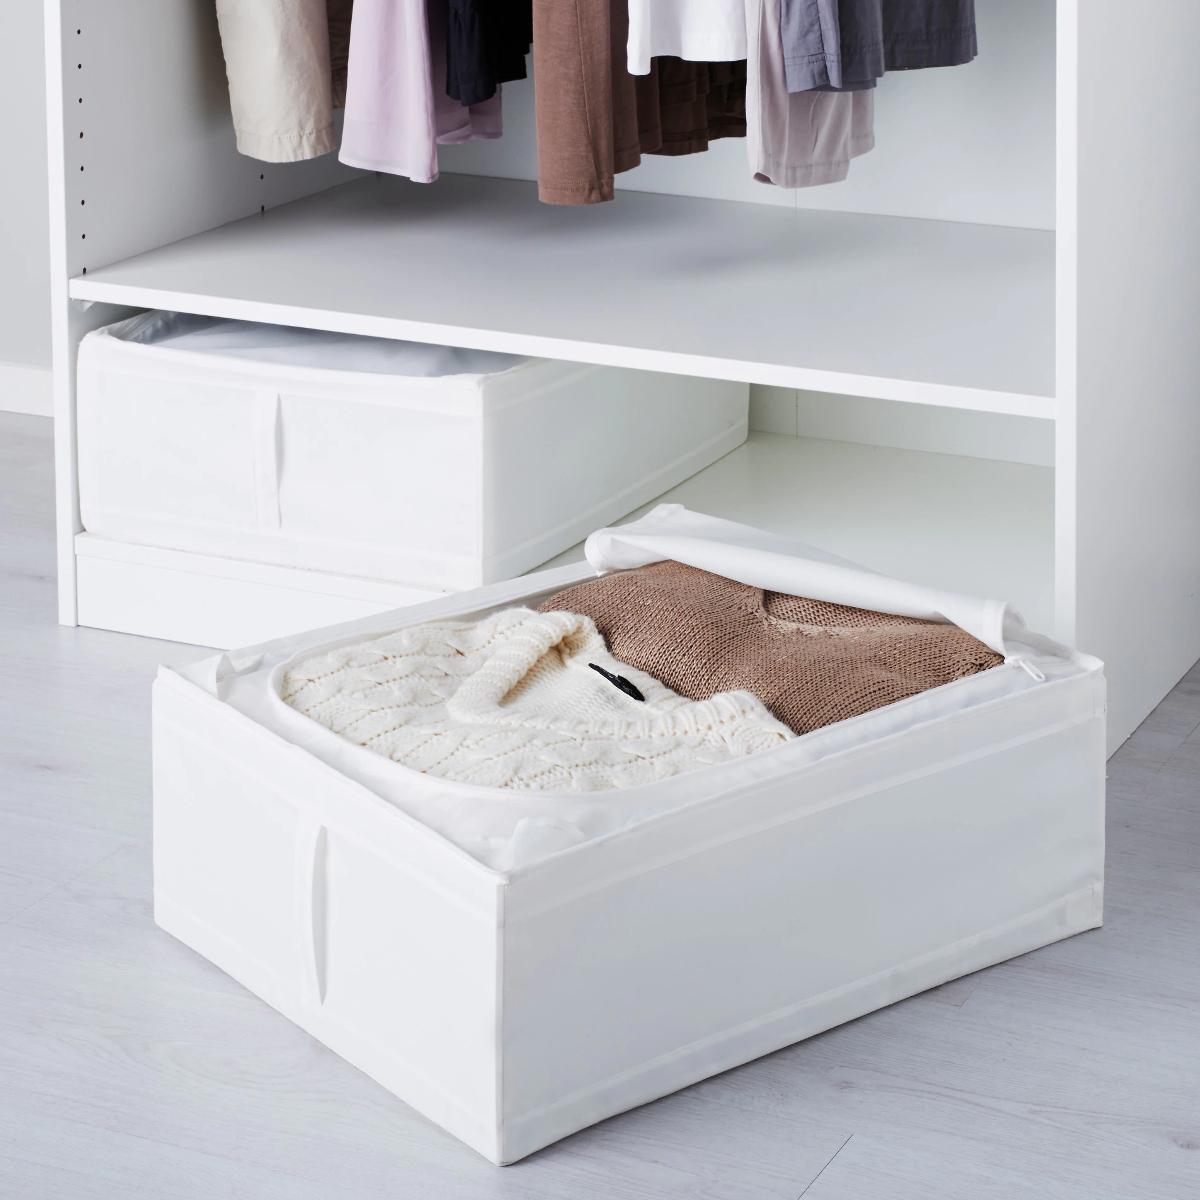 ikea skubb tasche 44x55x19 cm schrankfach box aufbewahrung fach wei neu ebay. Black Bedroom Furniture Sets. Home Design Ideas